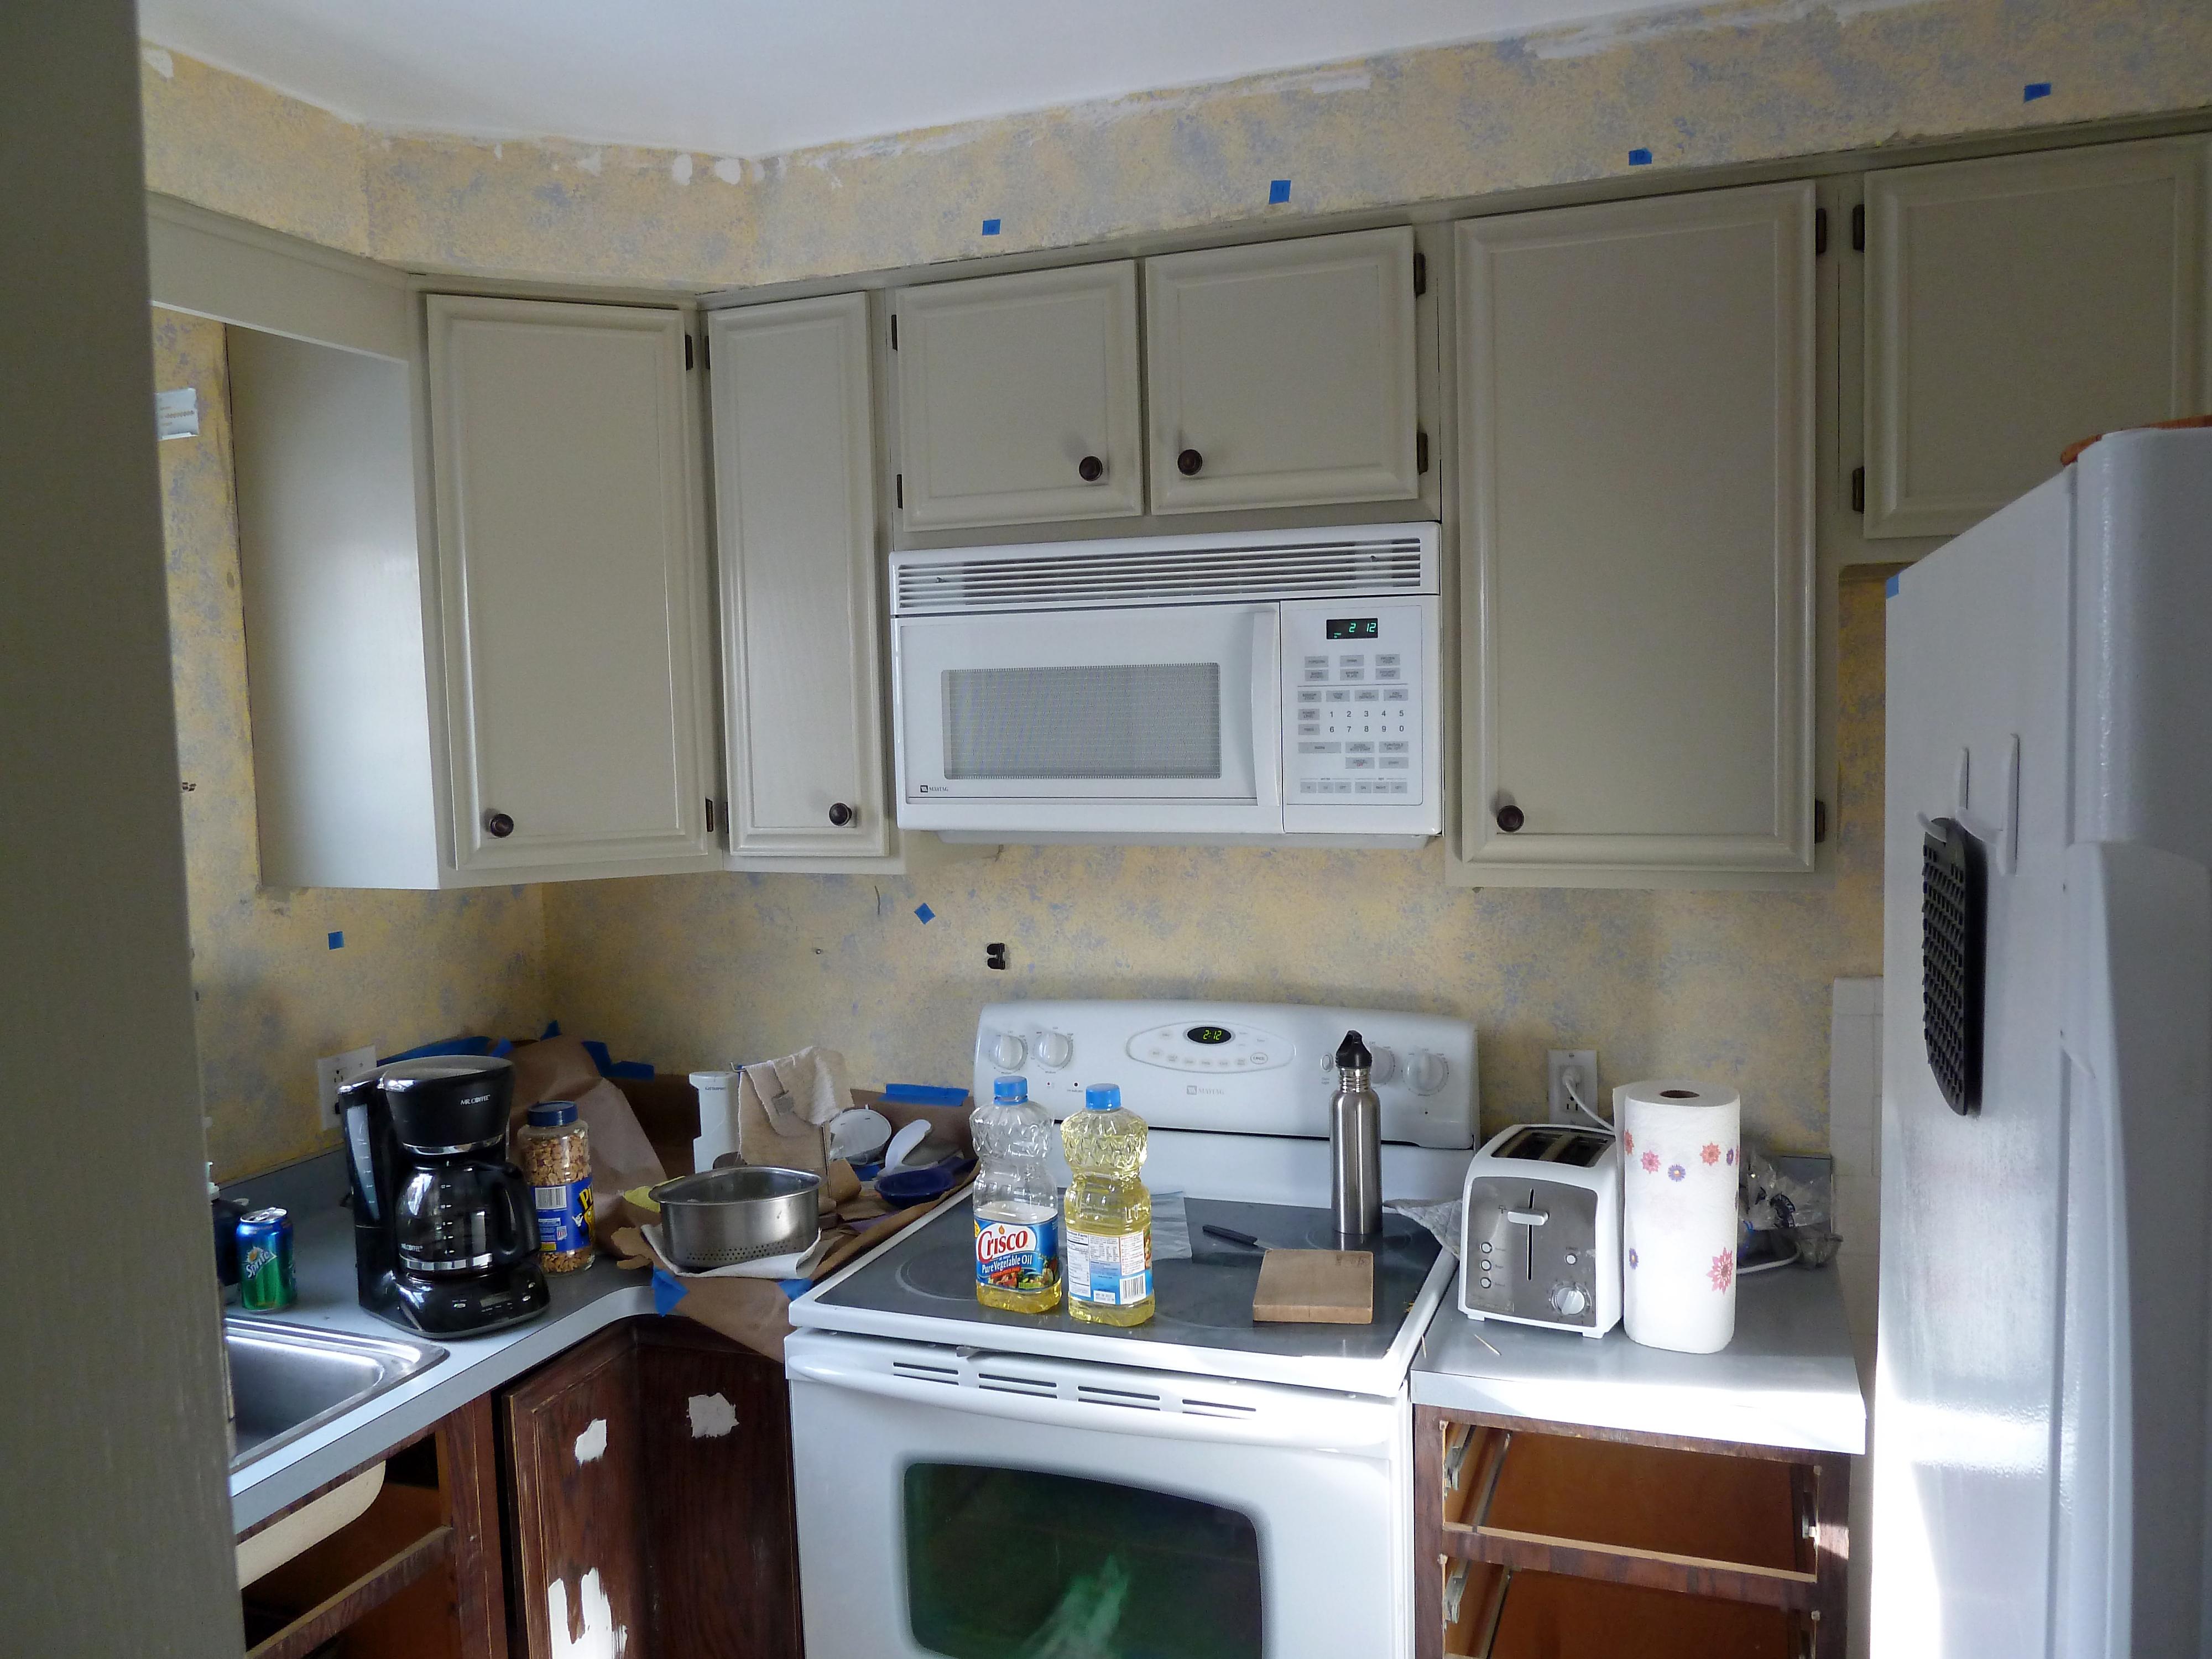 Cream Kitchen Cabinets Warm Walls